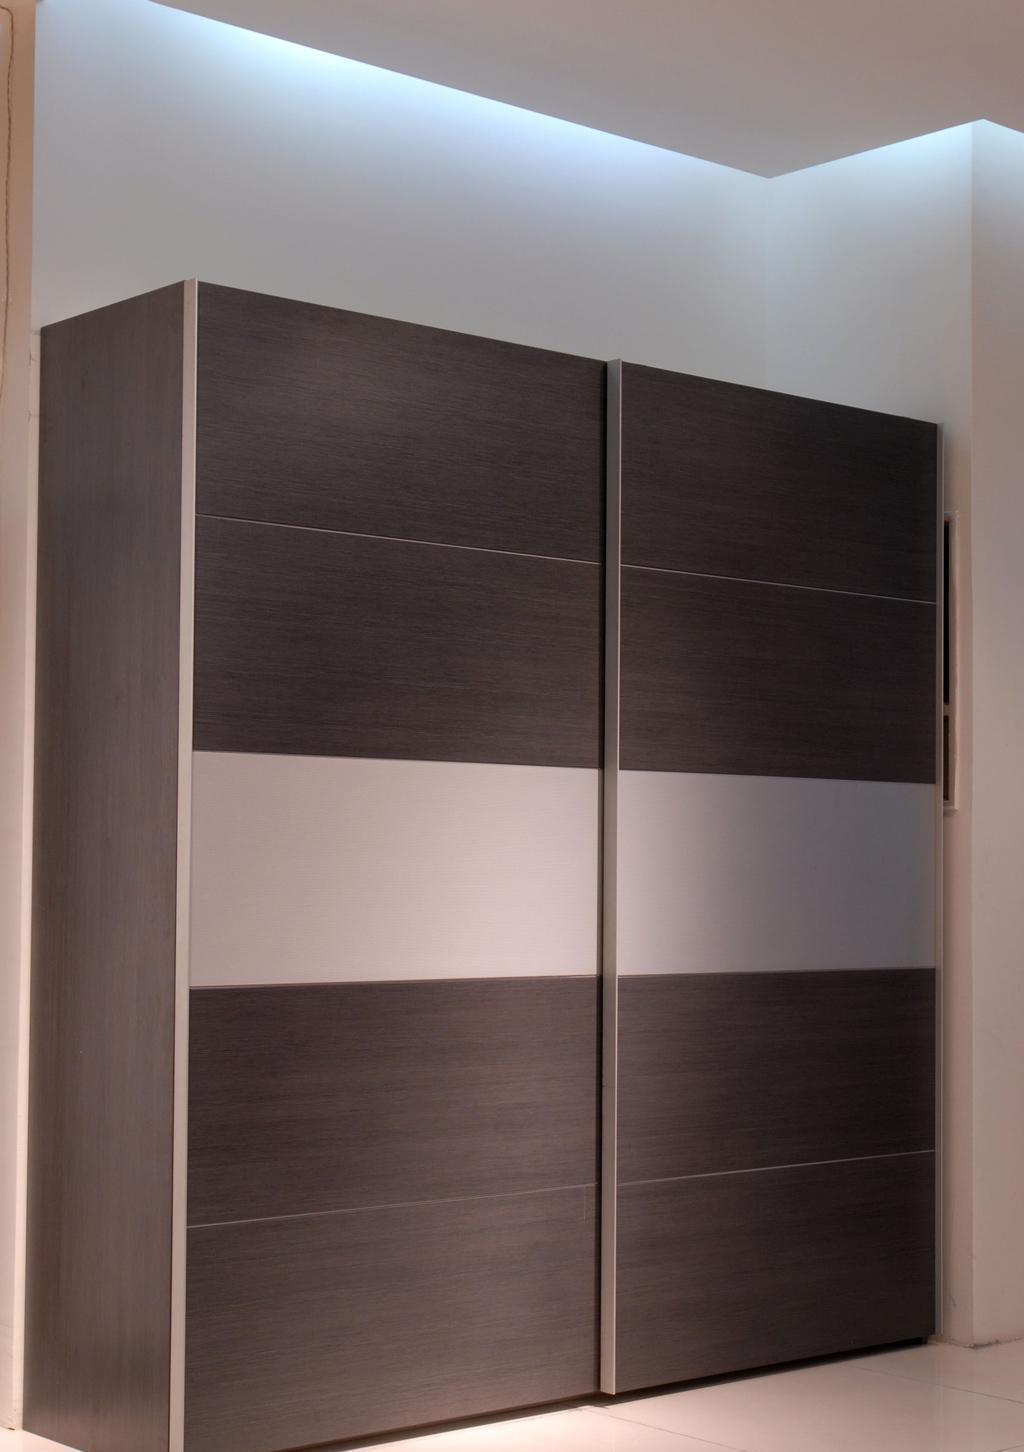 国安佳美衣柜 灰拉丝系列23A4901+A-M01